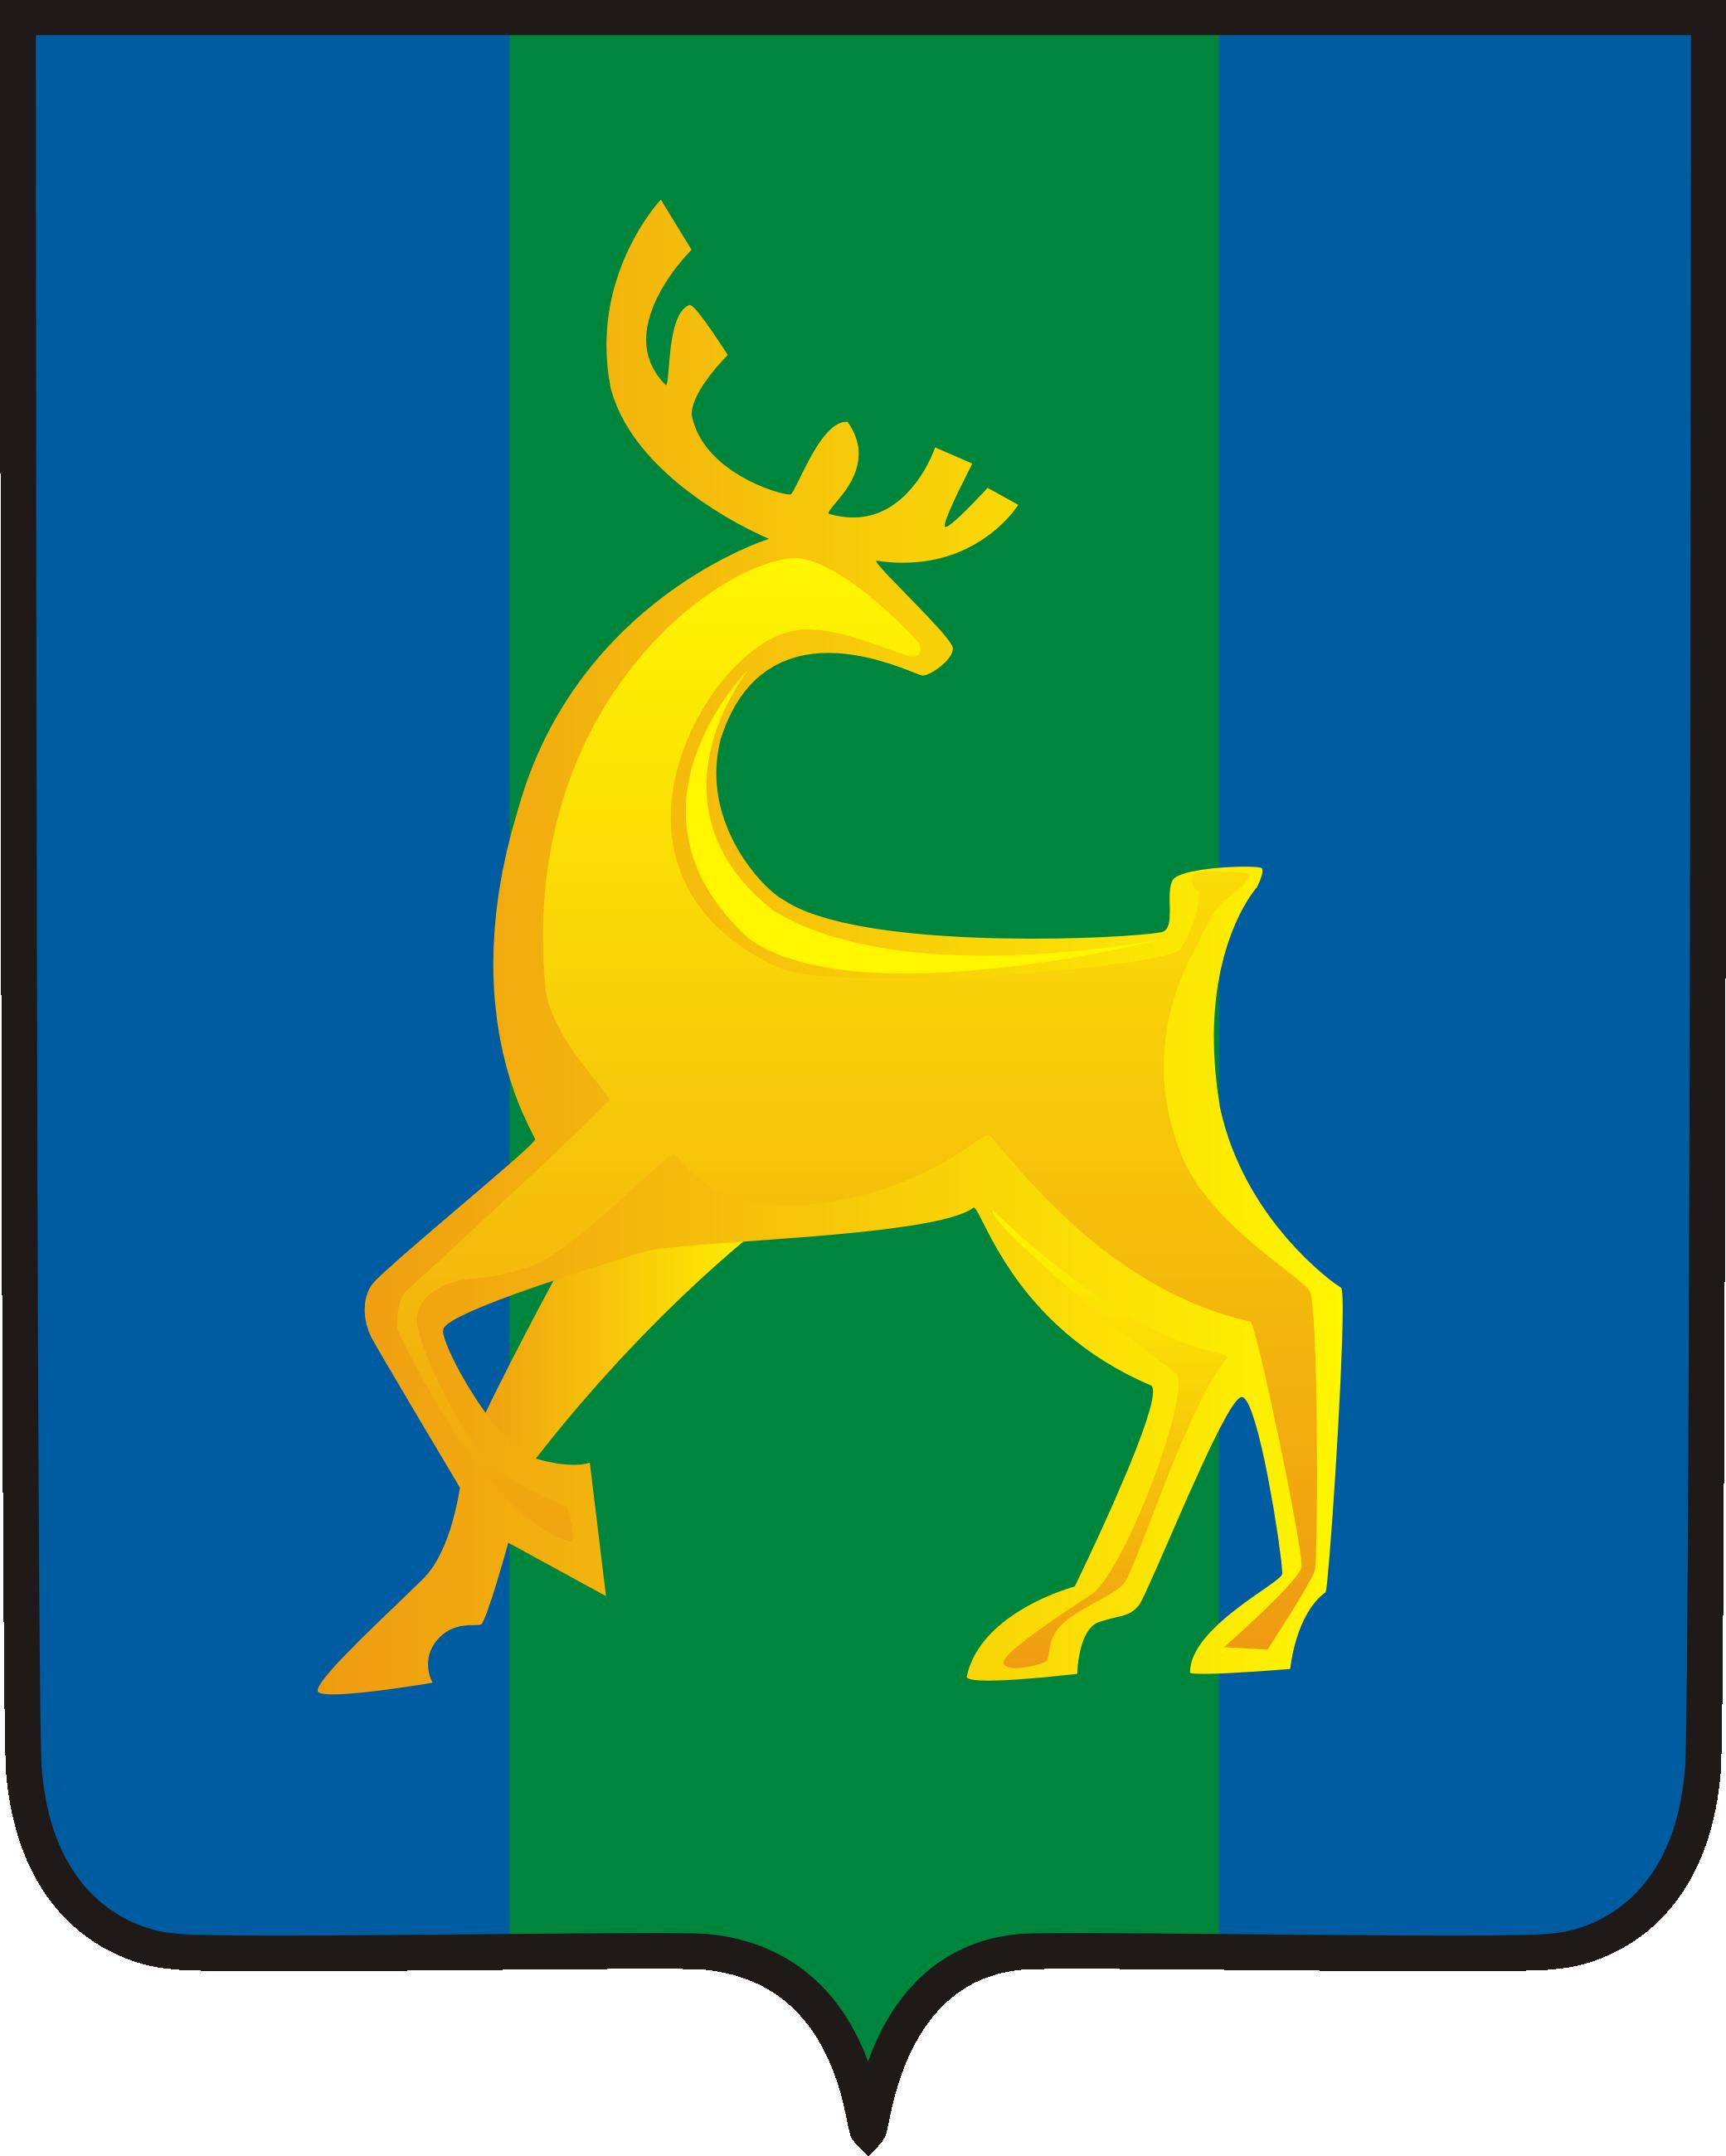 Смирныховский городской округ - герб